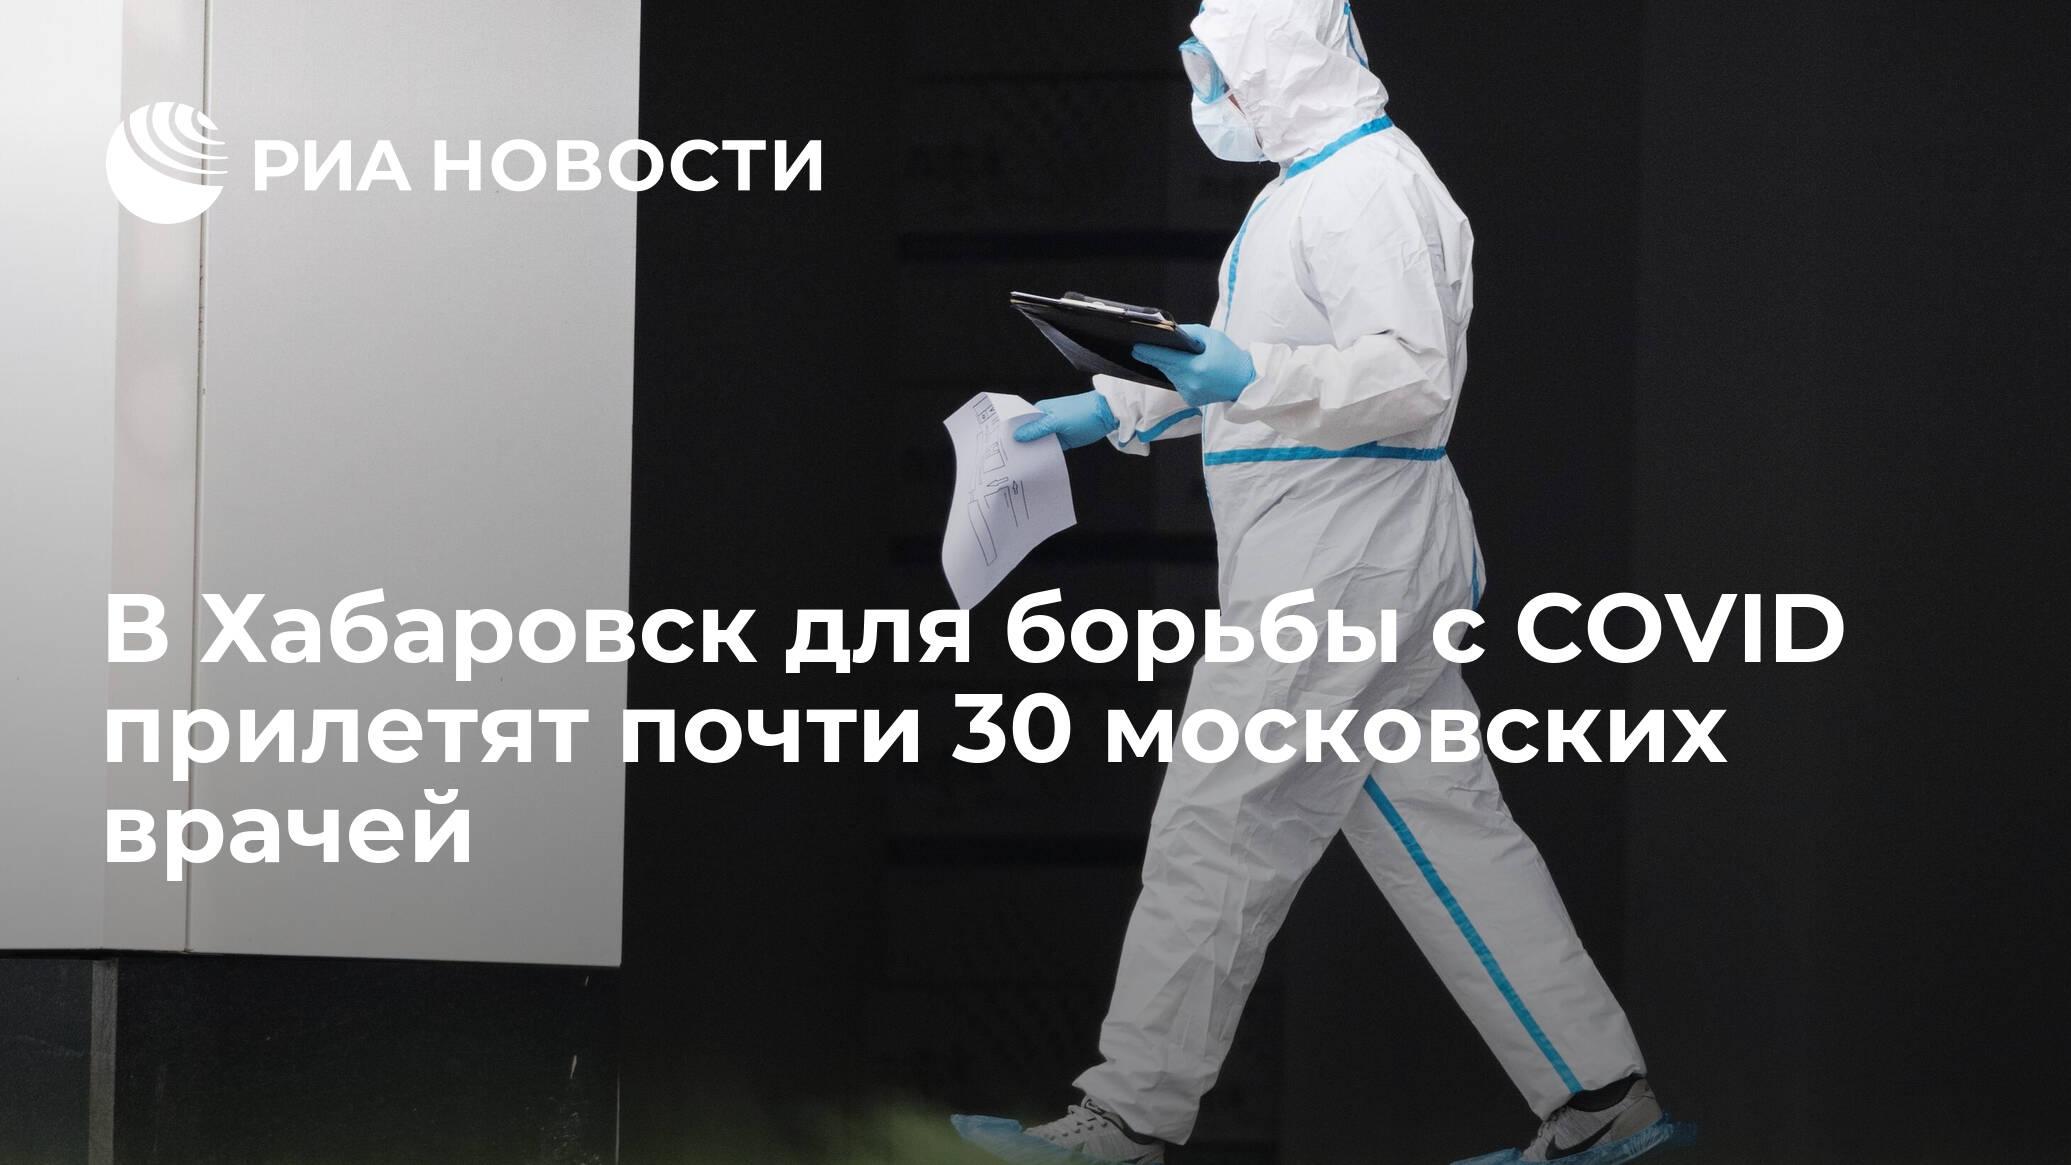 В Хабаровск для борьбы с COVID прилетят почти 30 московских врачей